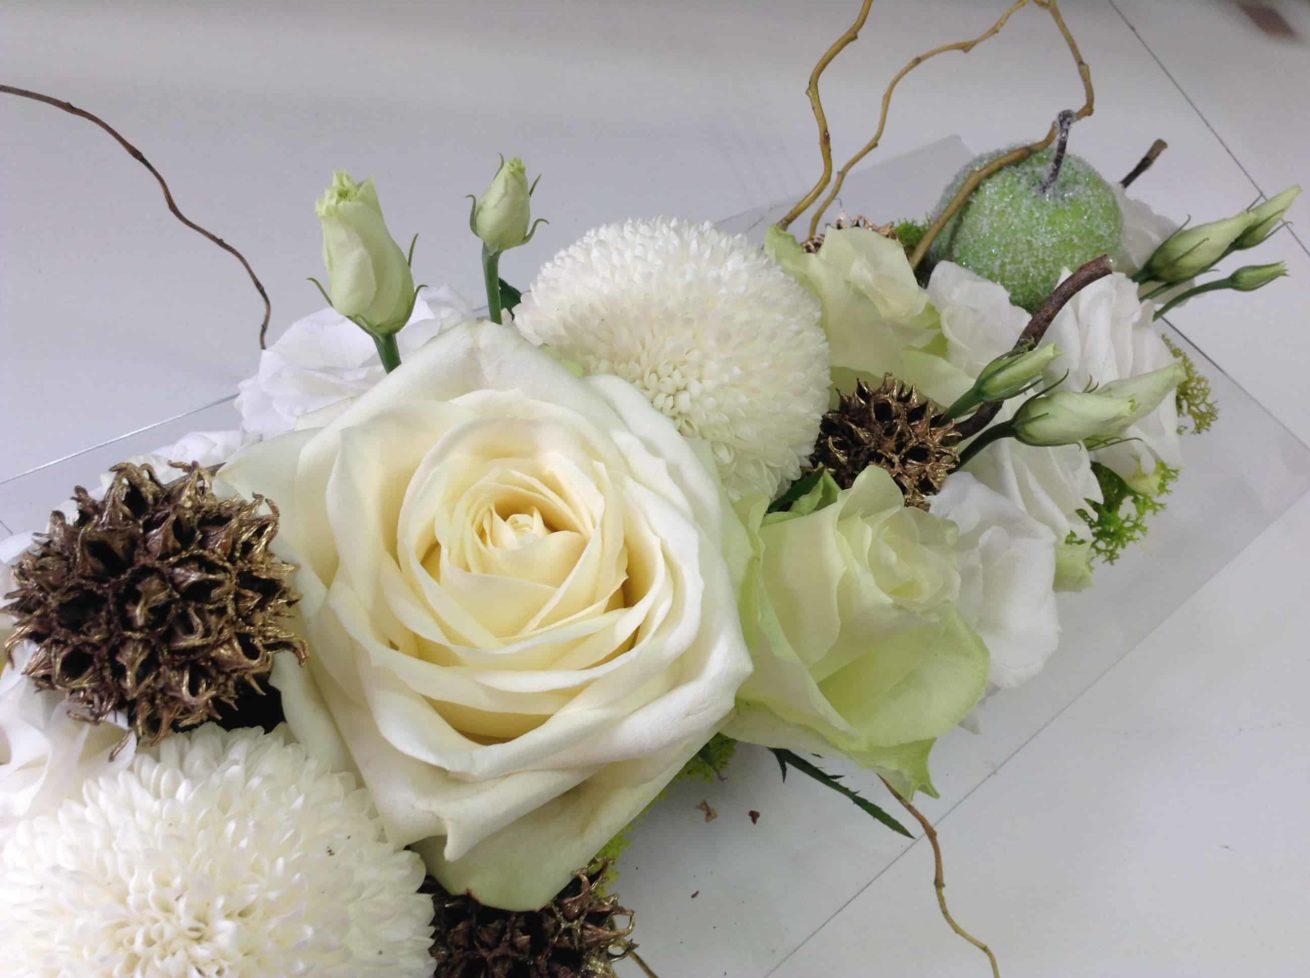 decoration-mariagel-carre-roses-bordeaux-11